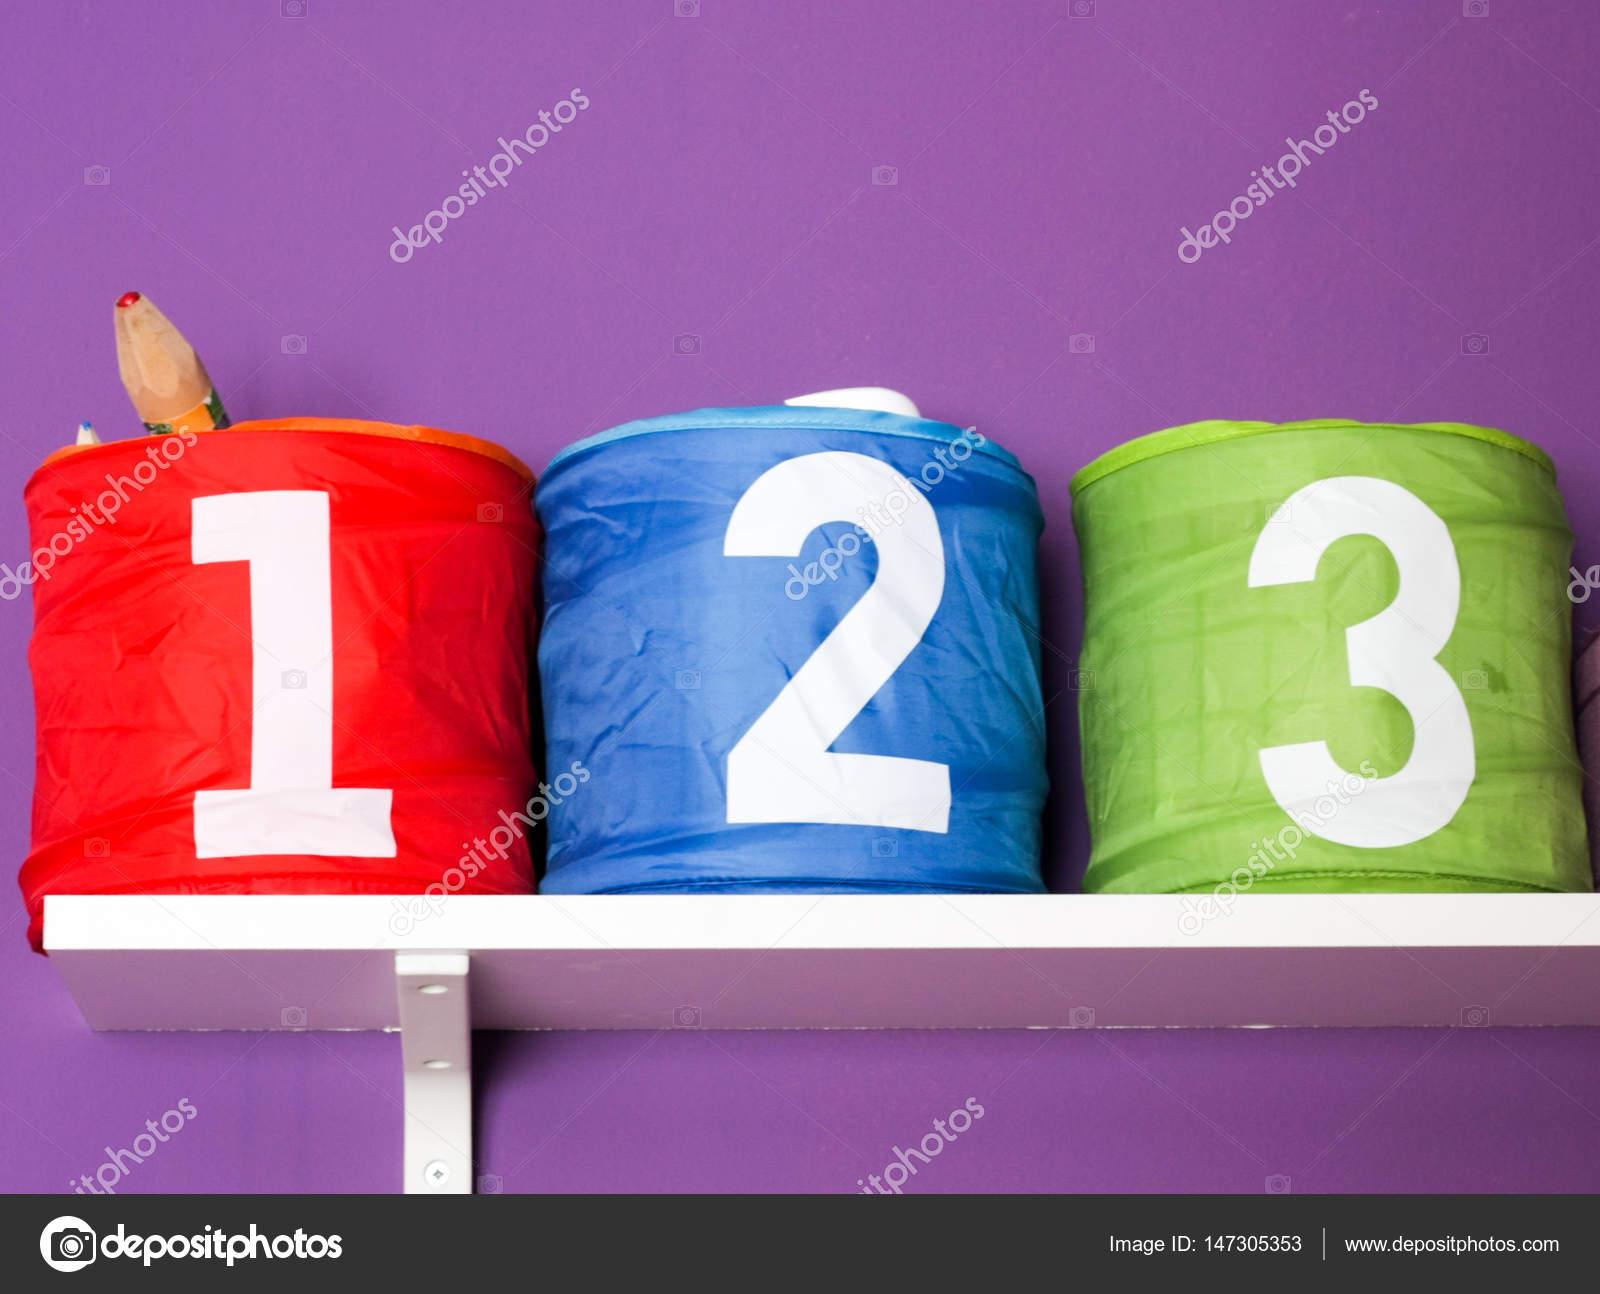 Bunte Kisten Fur Spielzeug Fur Kinderzimmer Auf Lila Wand Mit Nu